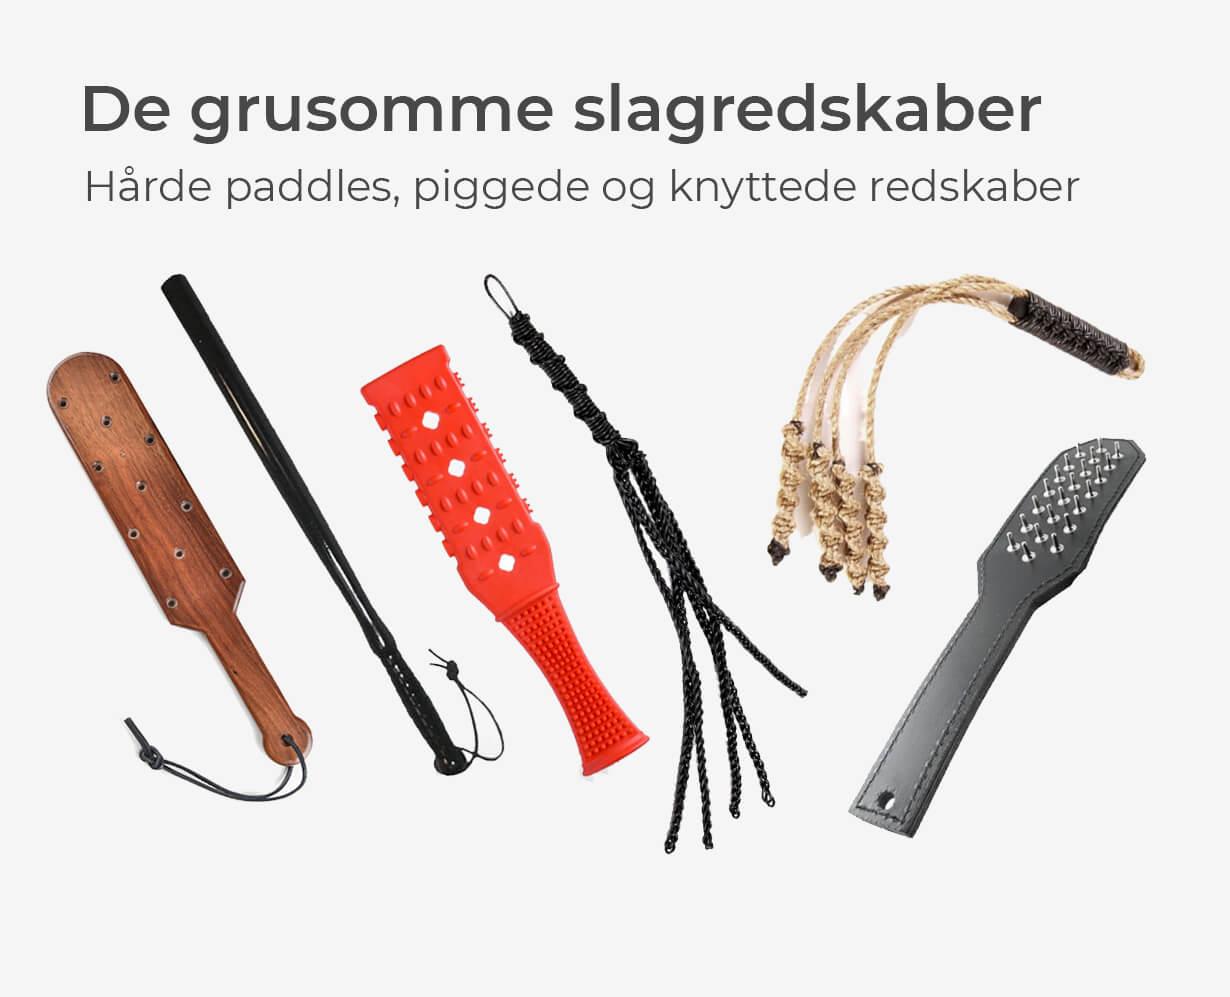 Grusomme slagredskaber, så som paddles med pigge og knyttede floggers